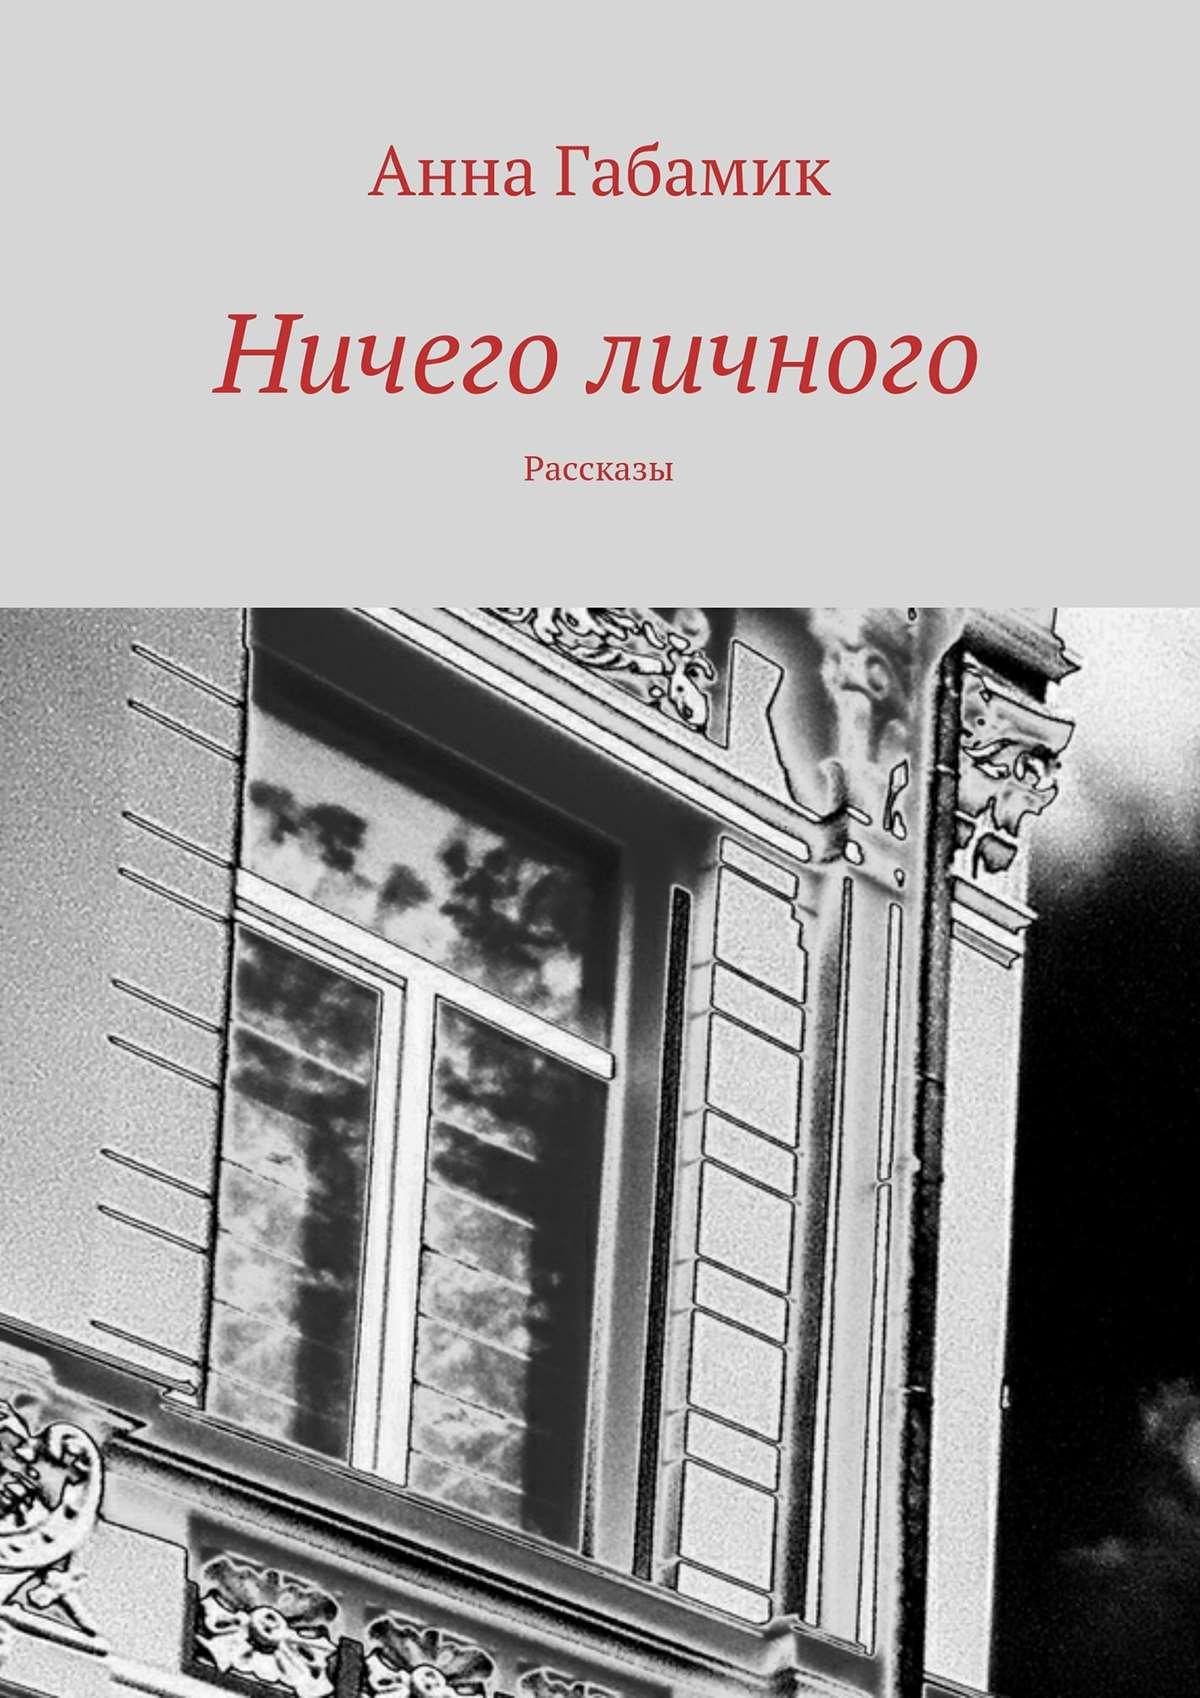 Анна Габамик Ничего личного (сборник) анна габамик ничего личного сборник